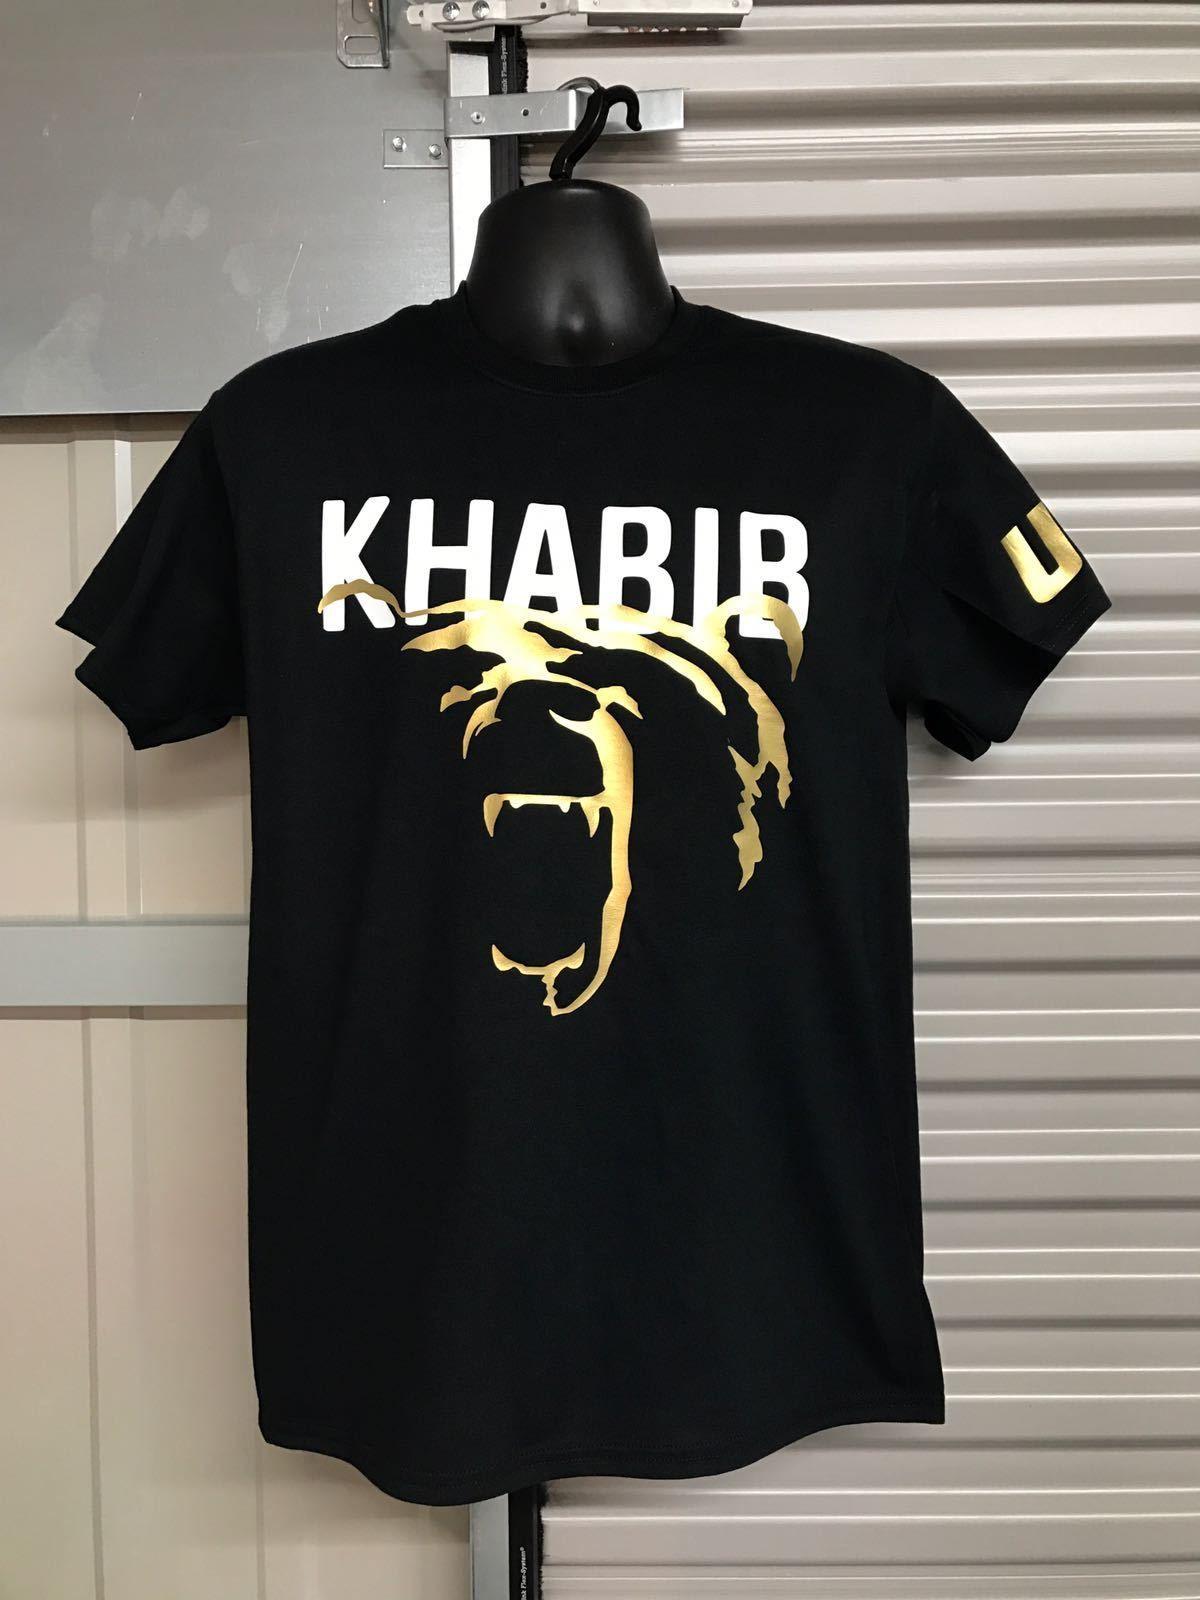 db753e16 #Khabib #nurmagomedov bear ufc mma boxing muay thai gym t shirt #black  custom